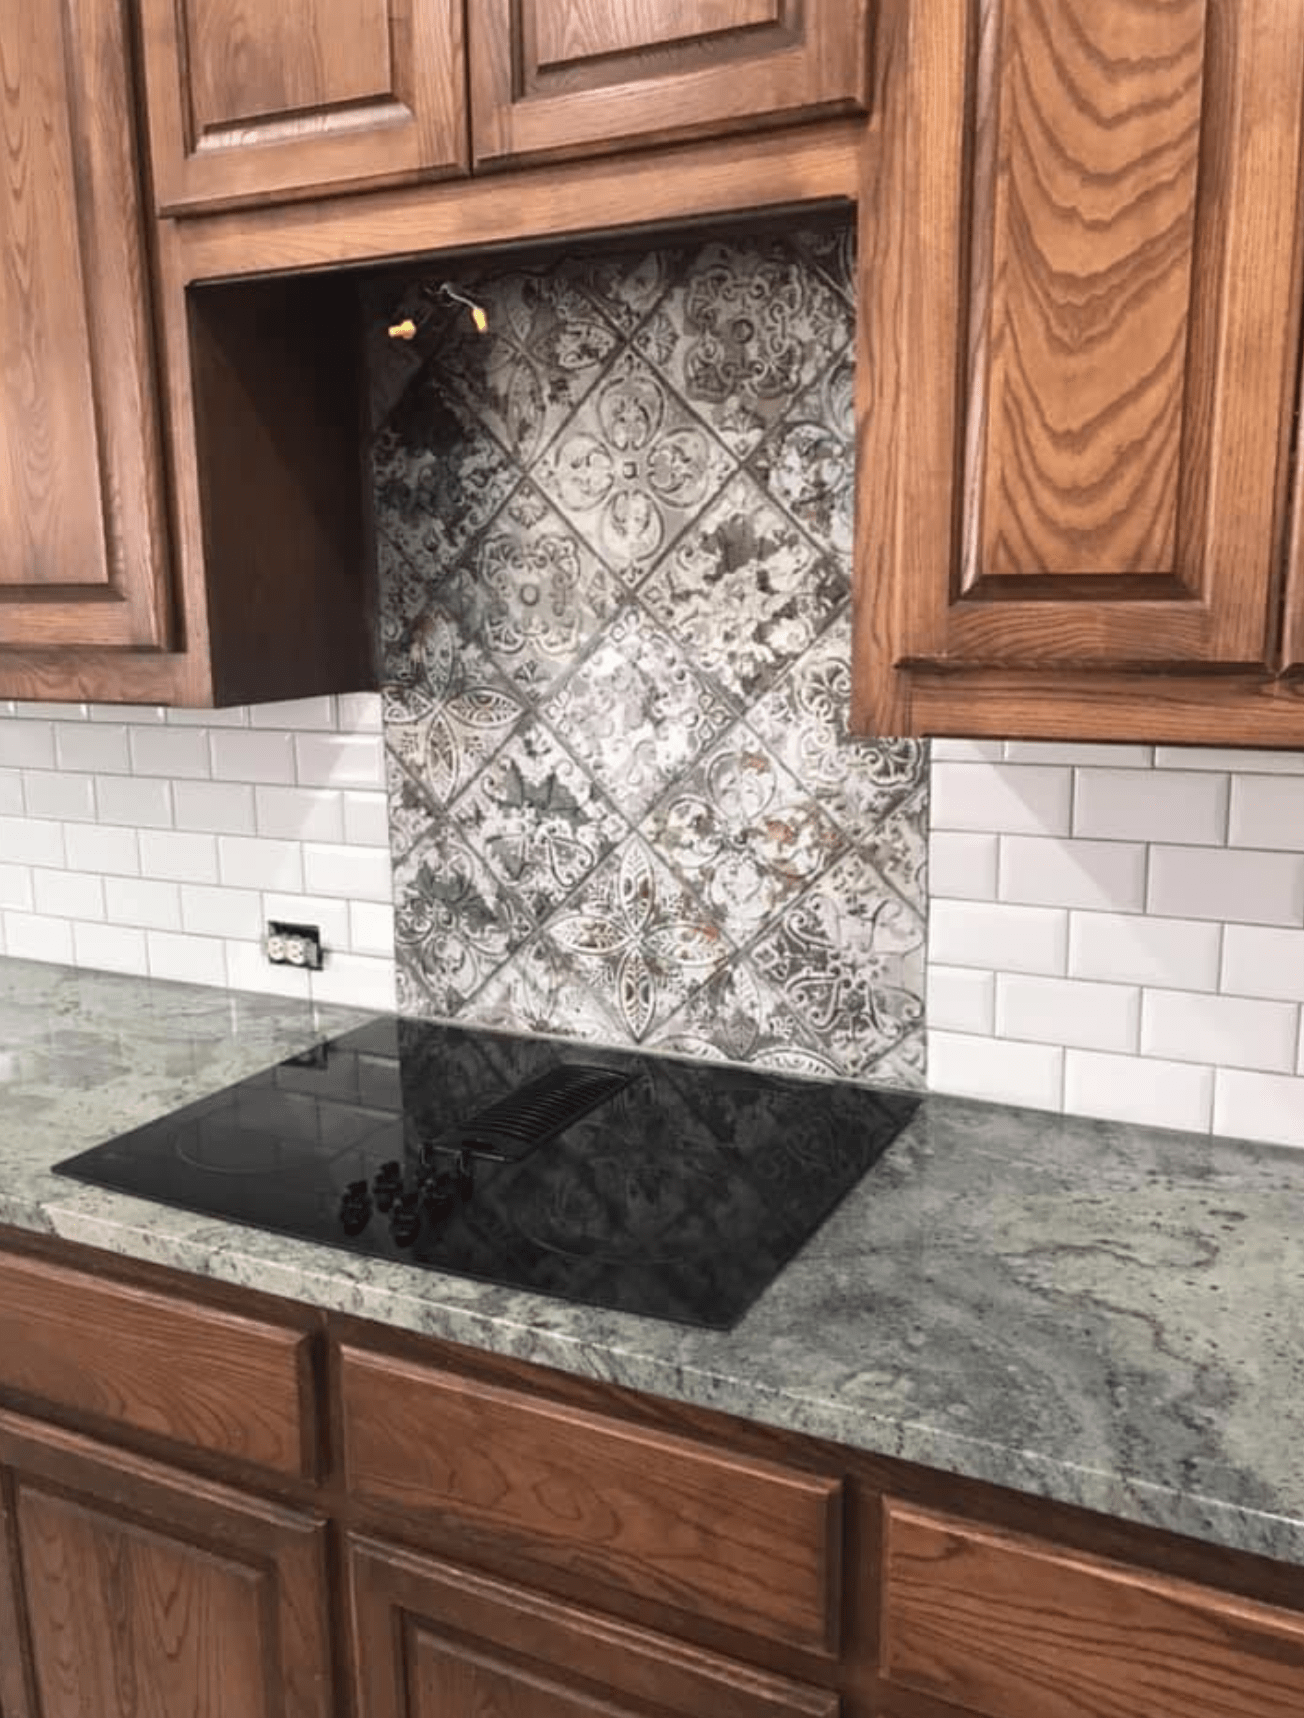 Tile backsplash from SJ FloorSolutions LLC in Carrollton, TX